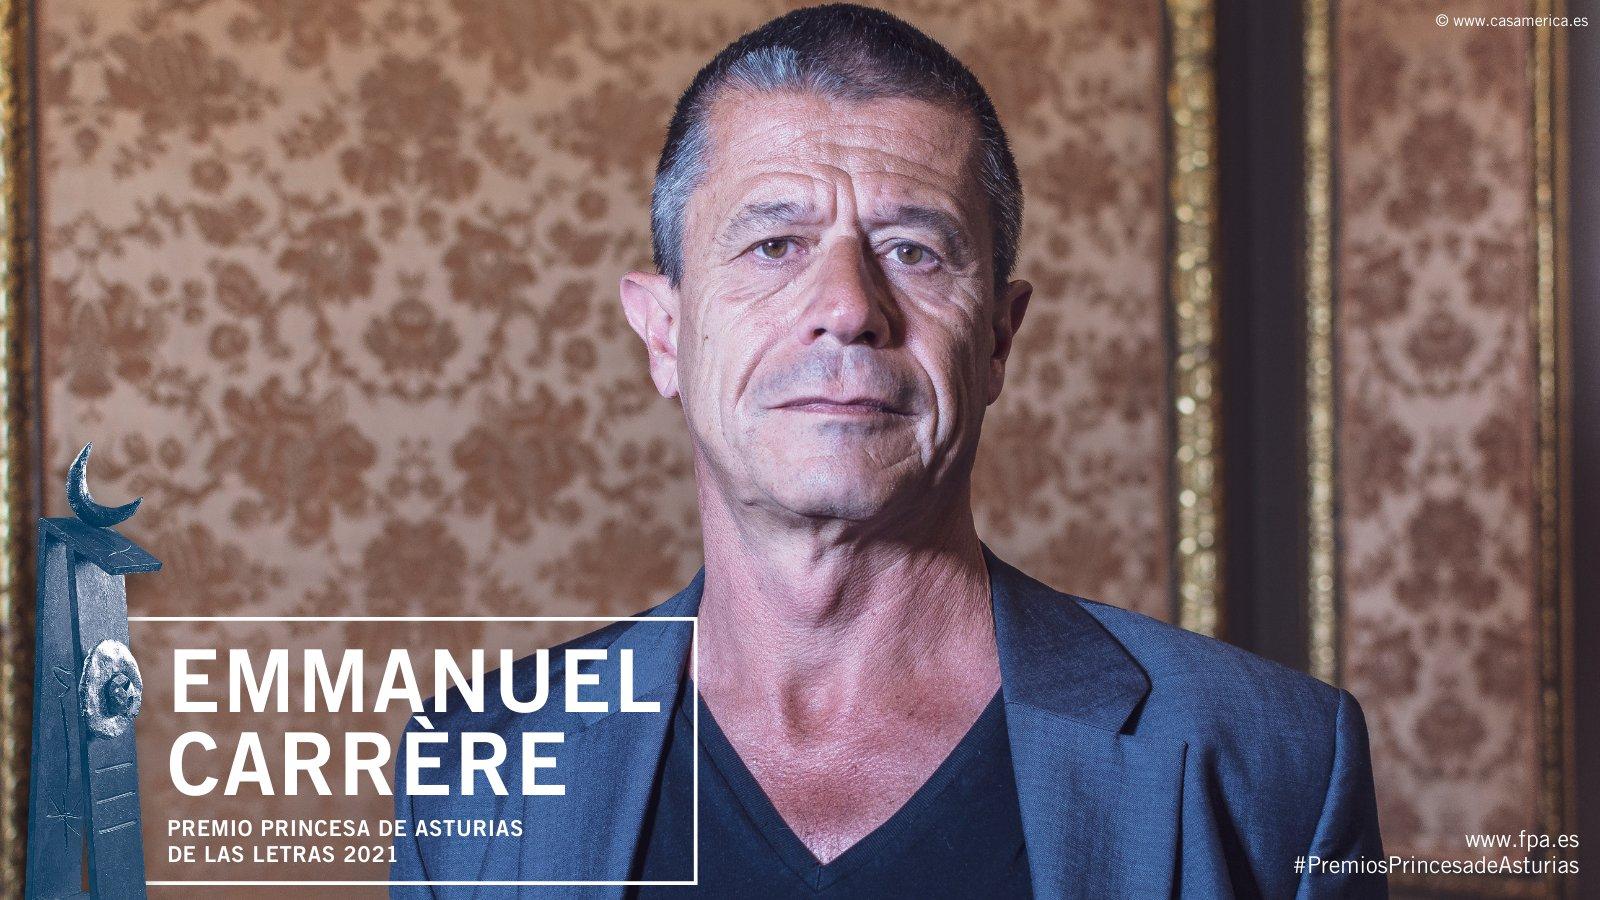 Emmanuel Carrère, Premio Princesa de Asturias de las Letras 2021